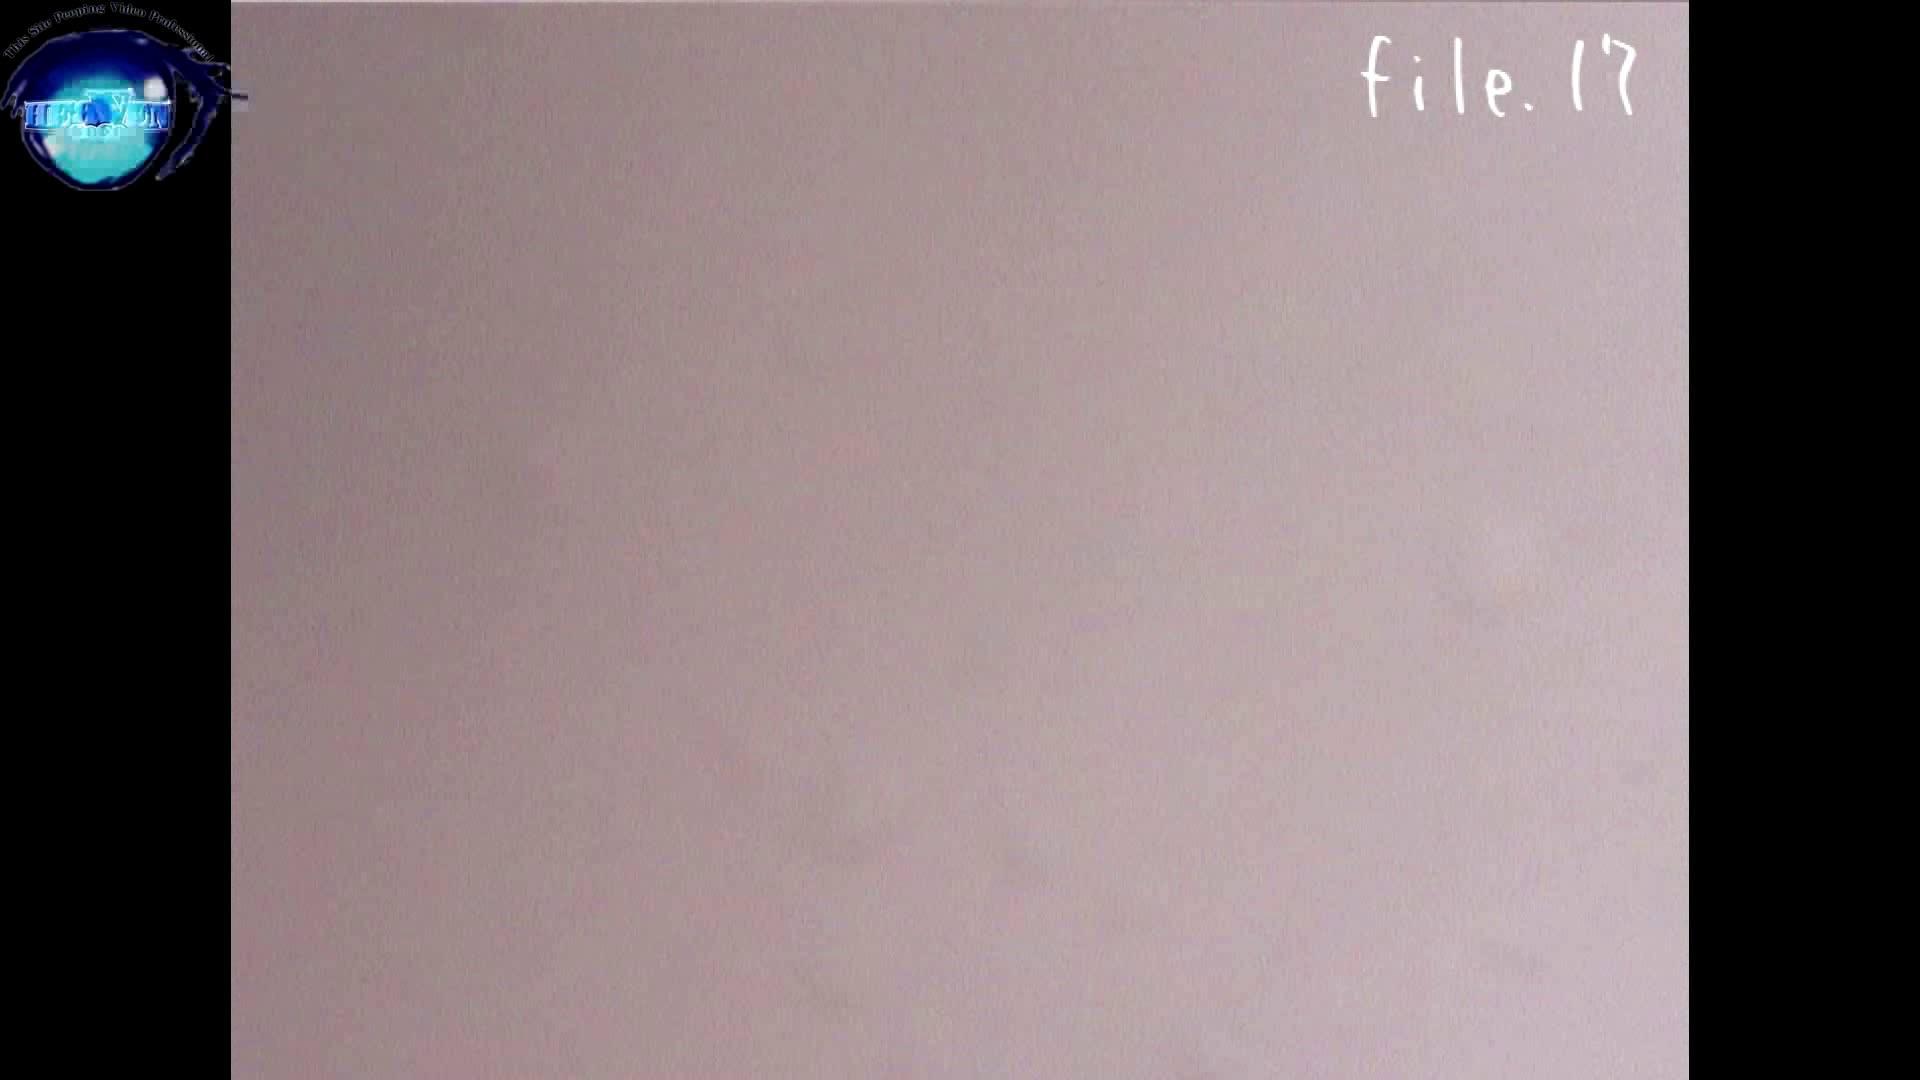 マンコ丸見え!!第二体育館潜入撮File.17 後編 マンコ・ムレムレ おまんこ動画流出 73pic 52